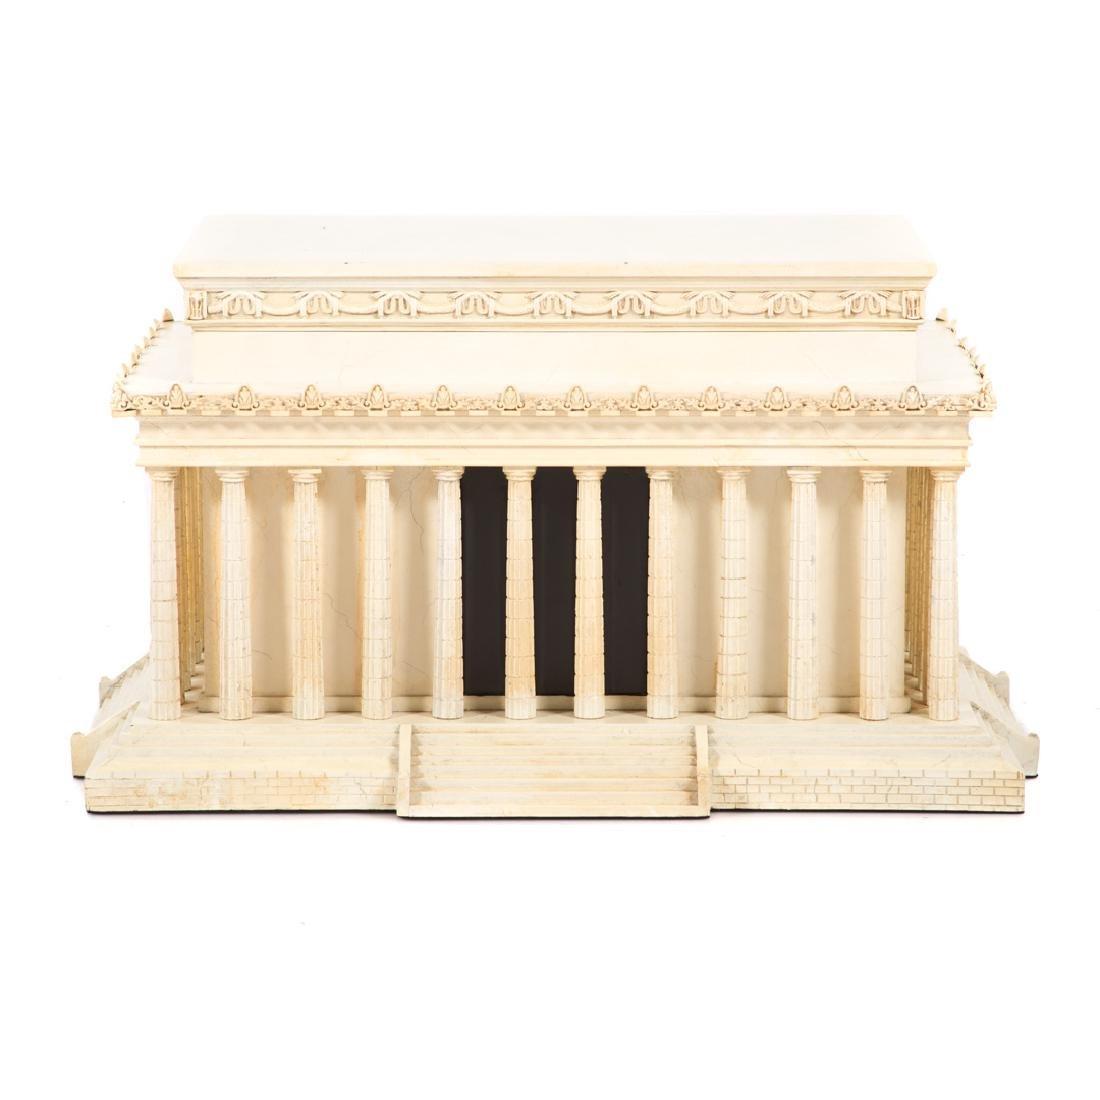 Montecristo Lincoln Memorial cigar humidor